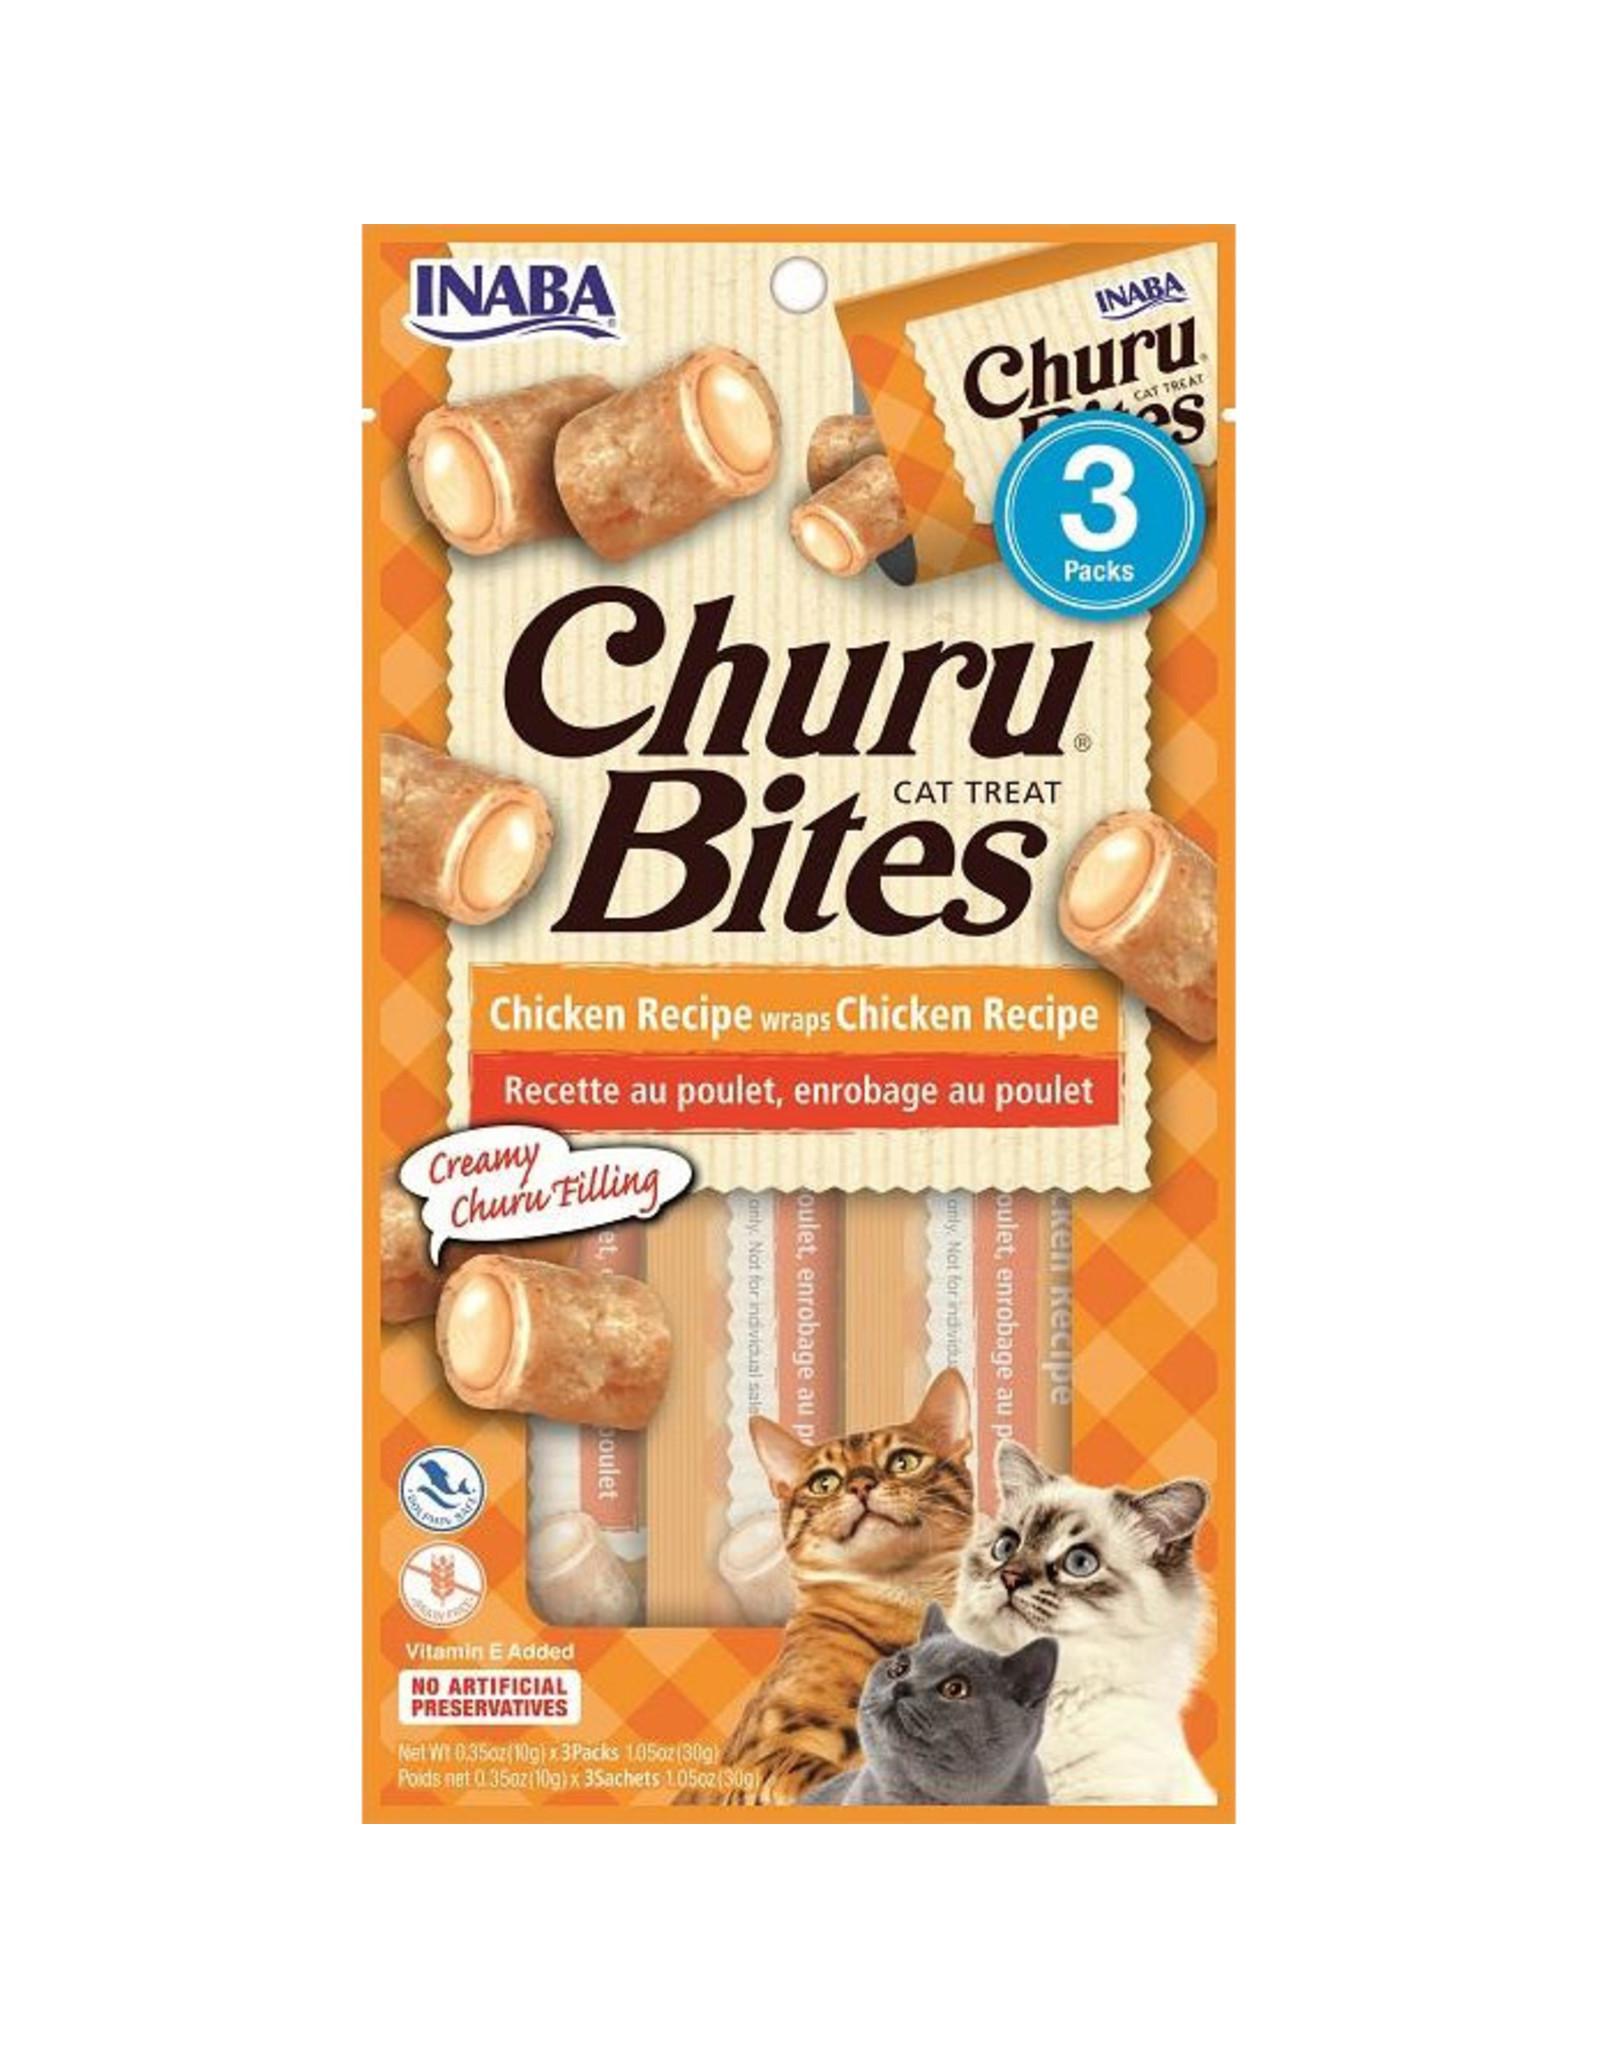 Inaba Inaba Churu Bites Chicken Recipe Wraps Chicken Recipe Cat Treats 3 pack